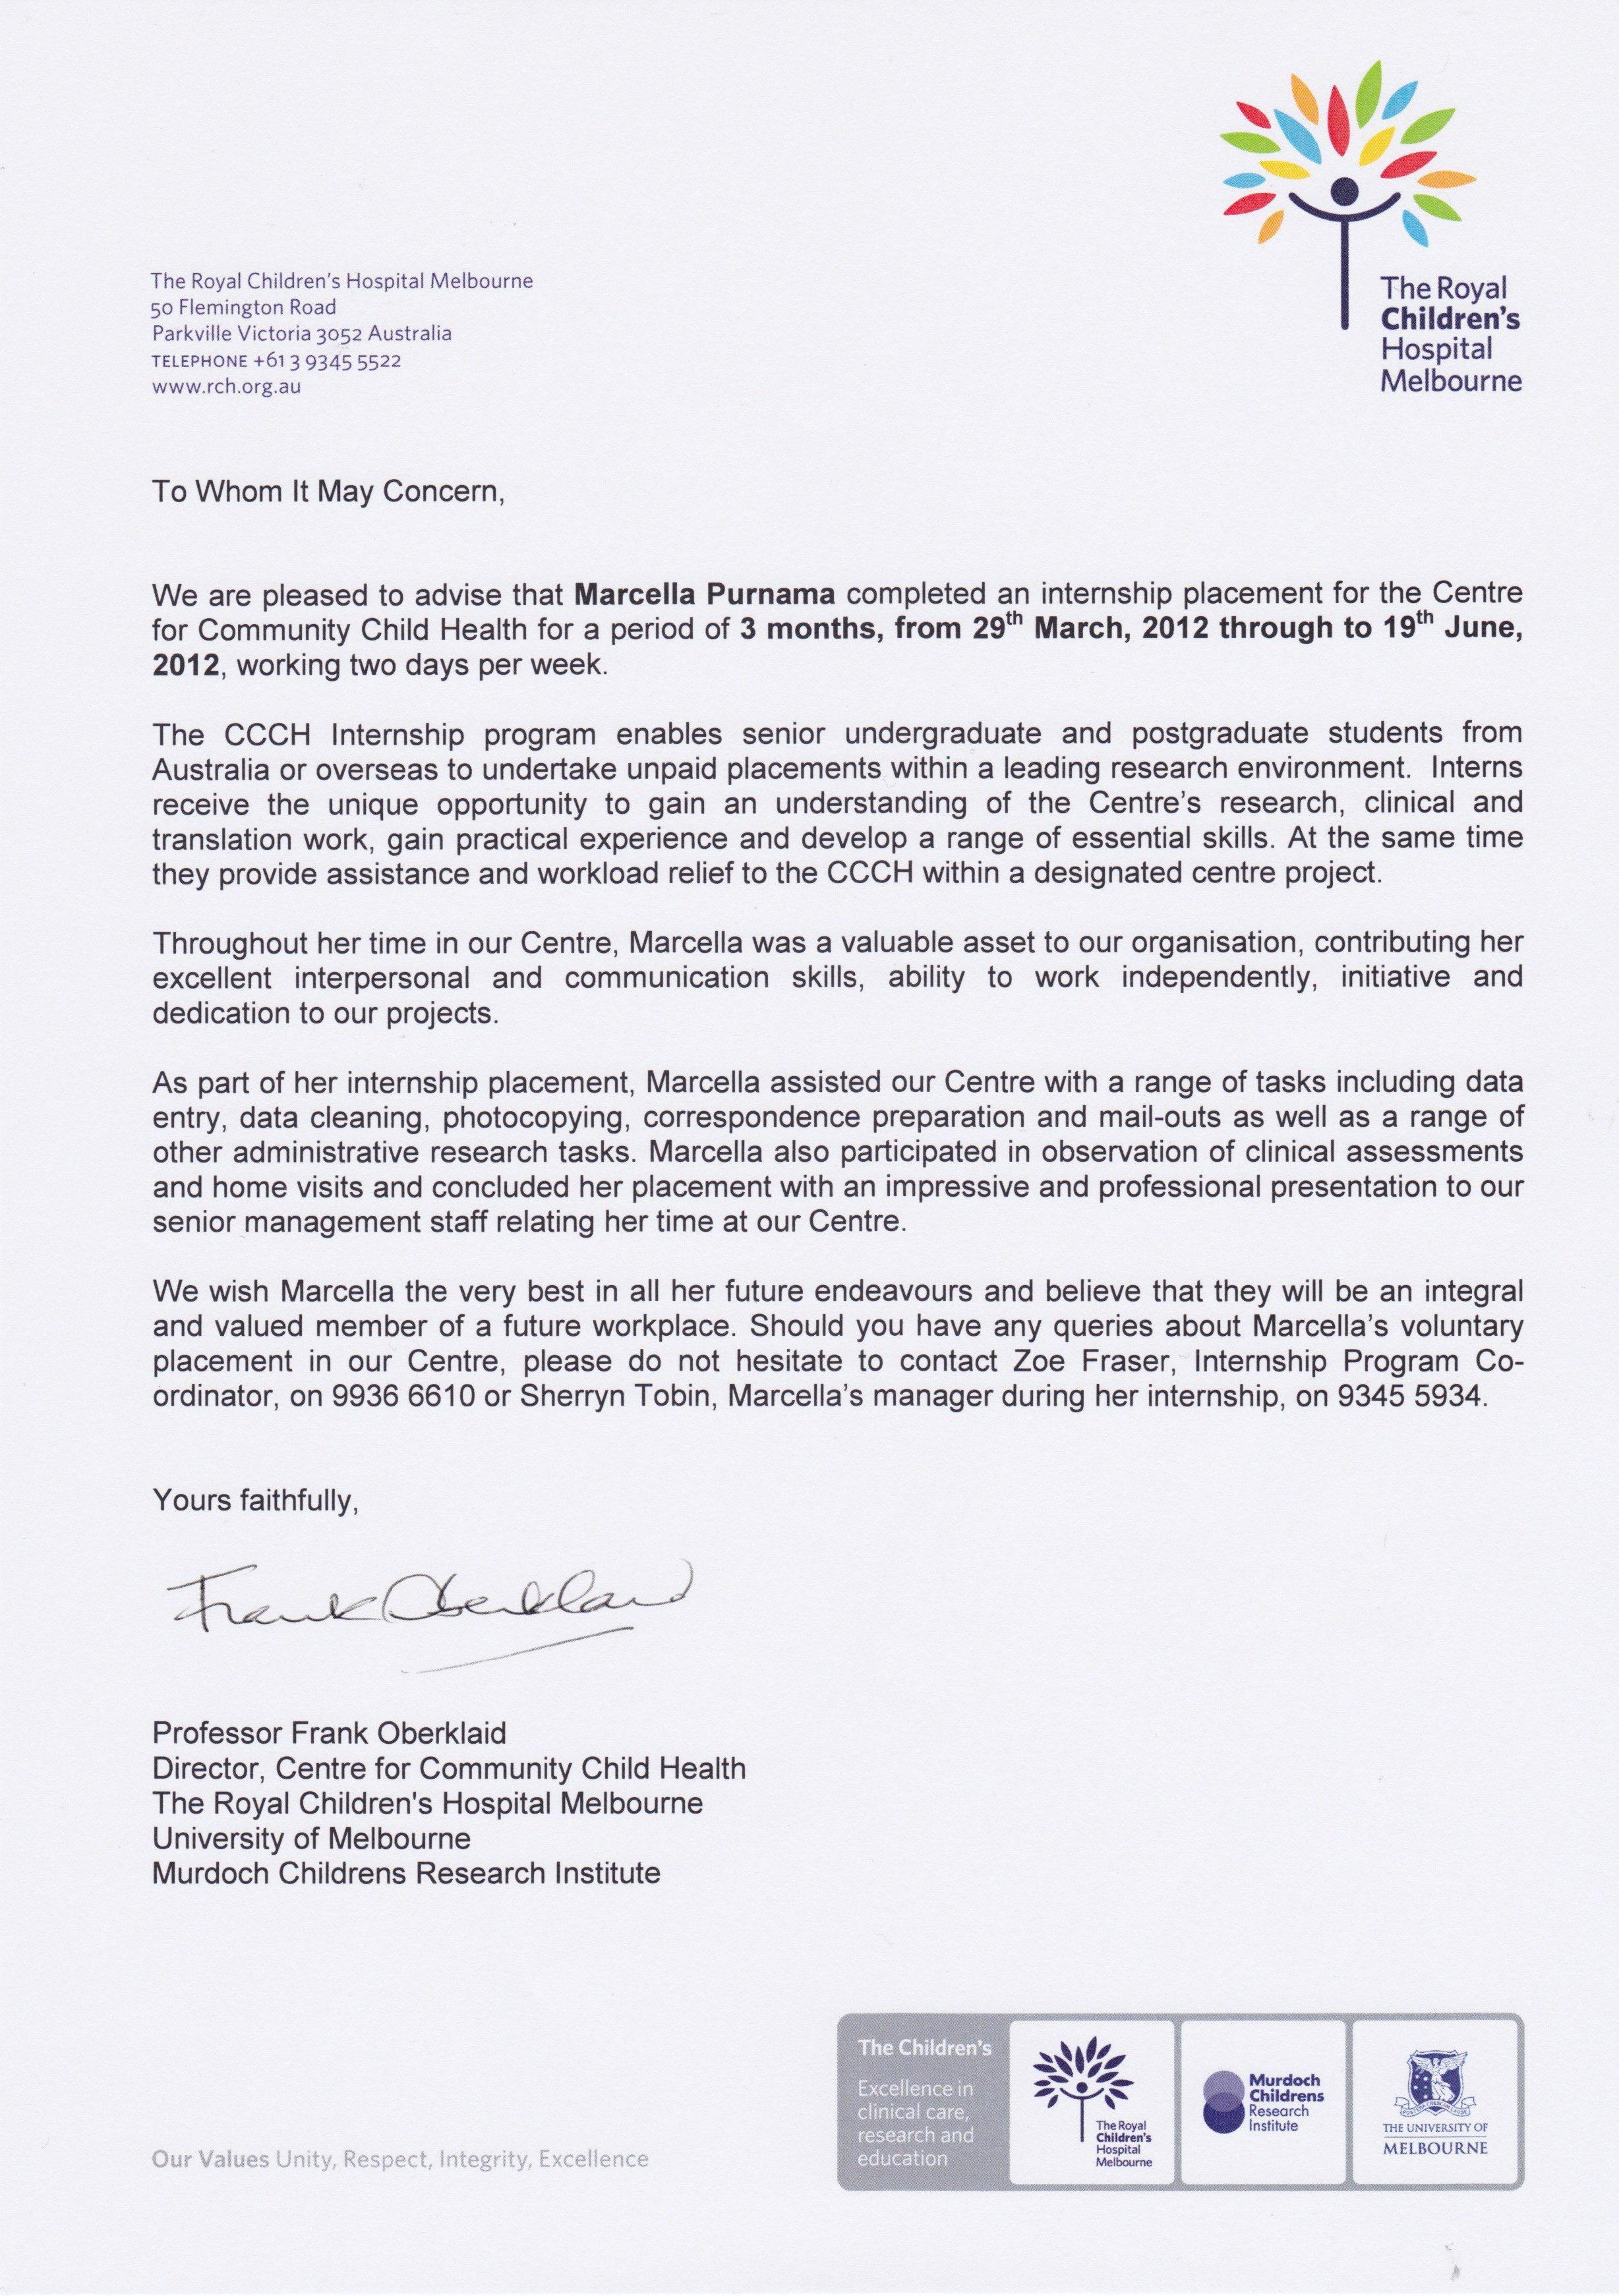 Internship Letter Of Recommendation Unique Re Mendation Letter for Internship Pletion